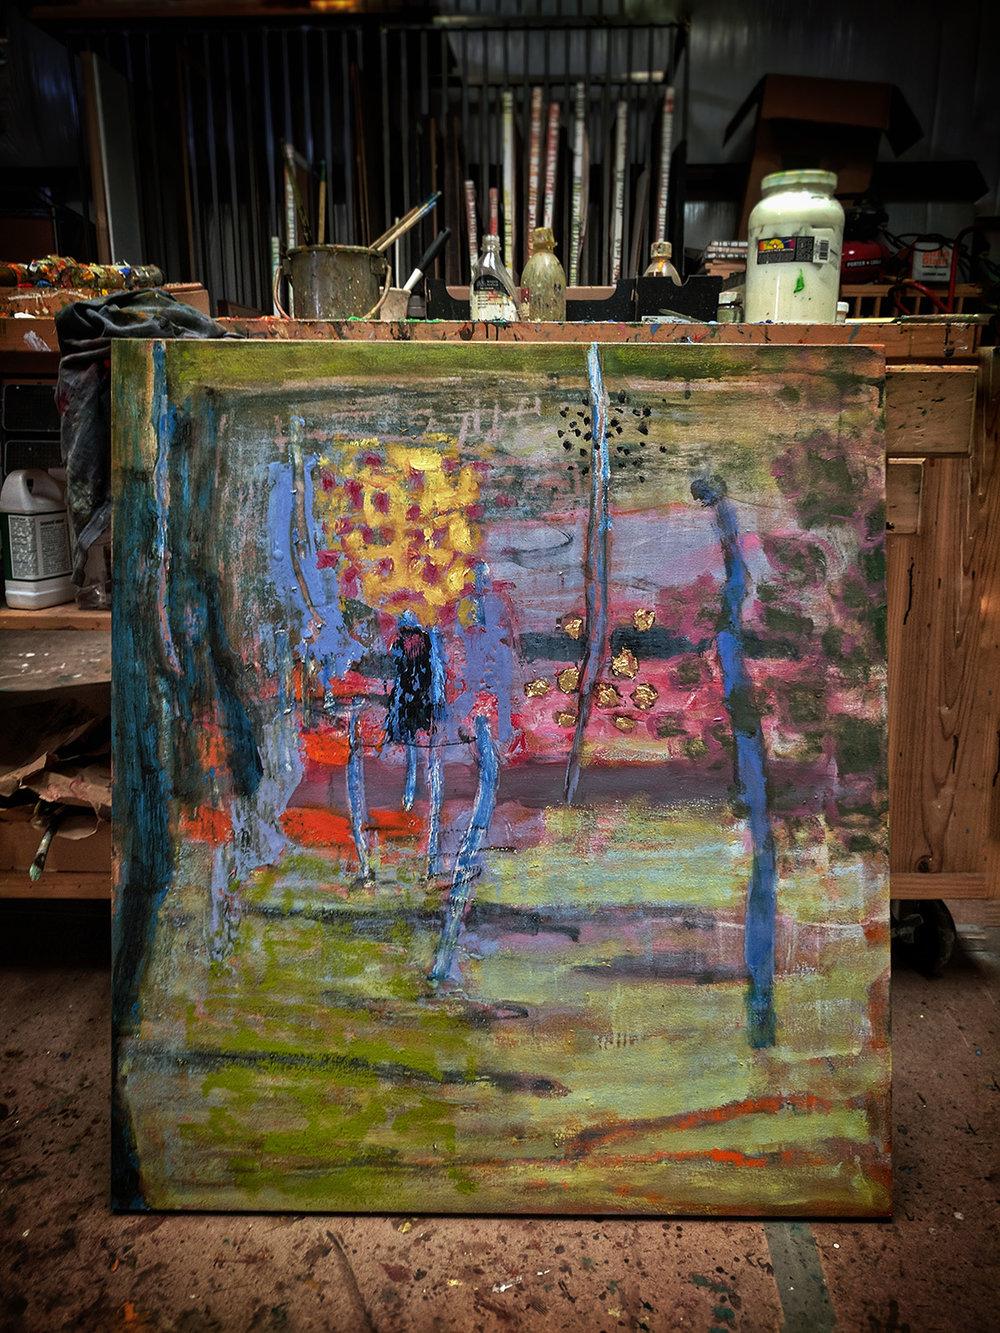 oil painting in progress at the studio in Santa Fe, NM